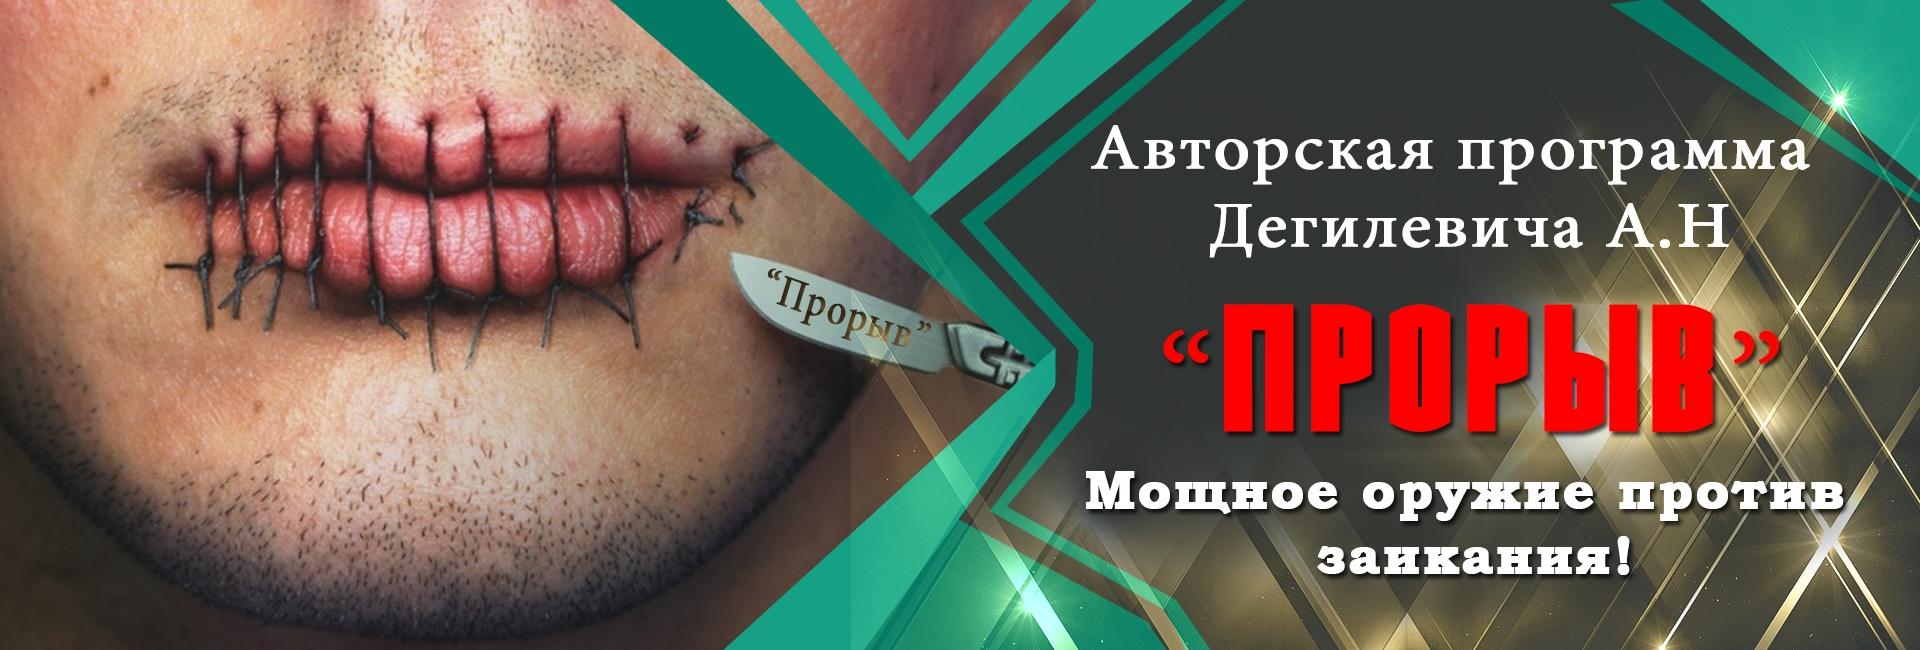 Методика ПРОРЫВ Дегилевича